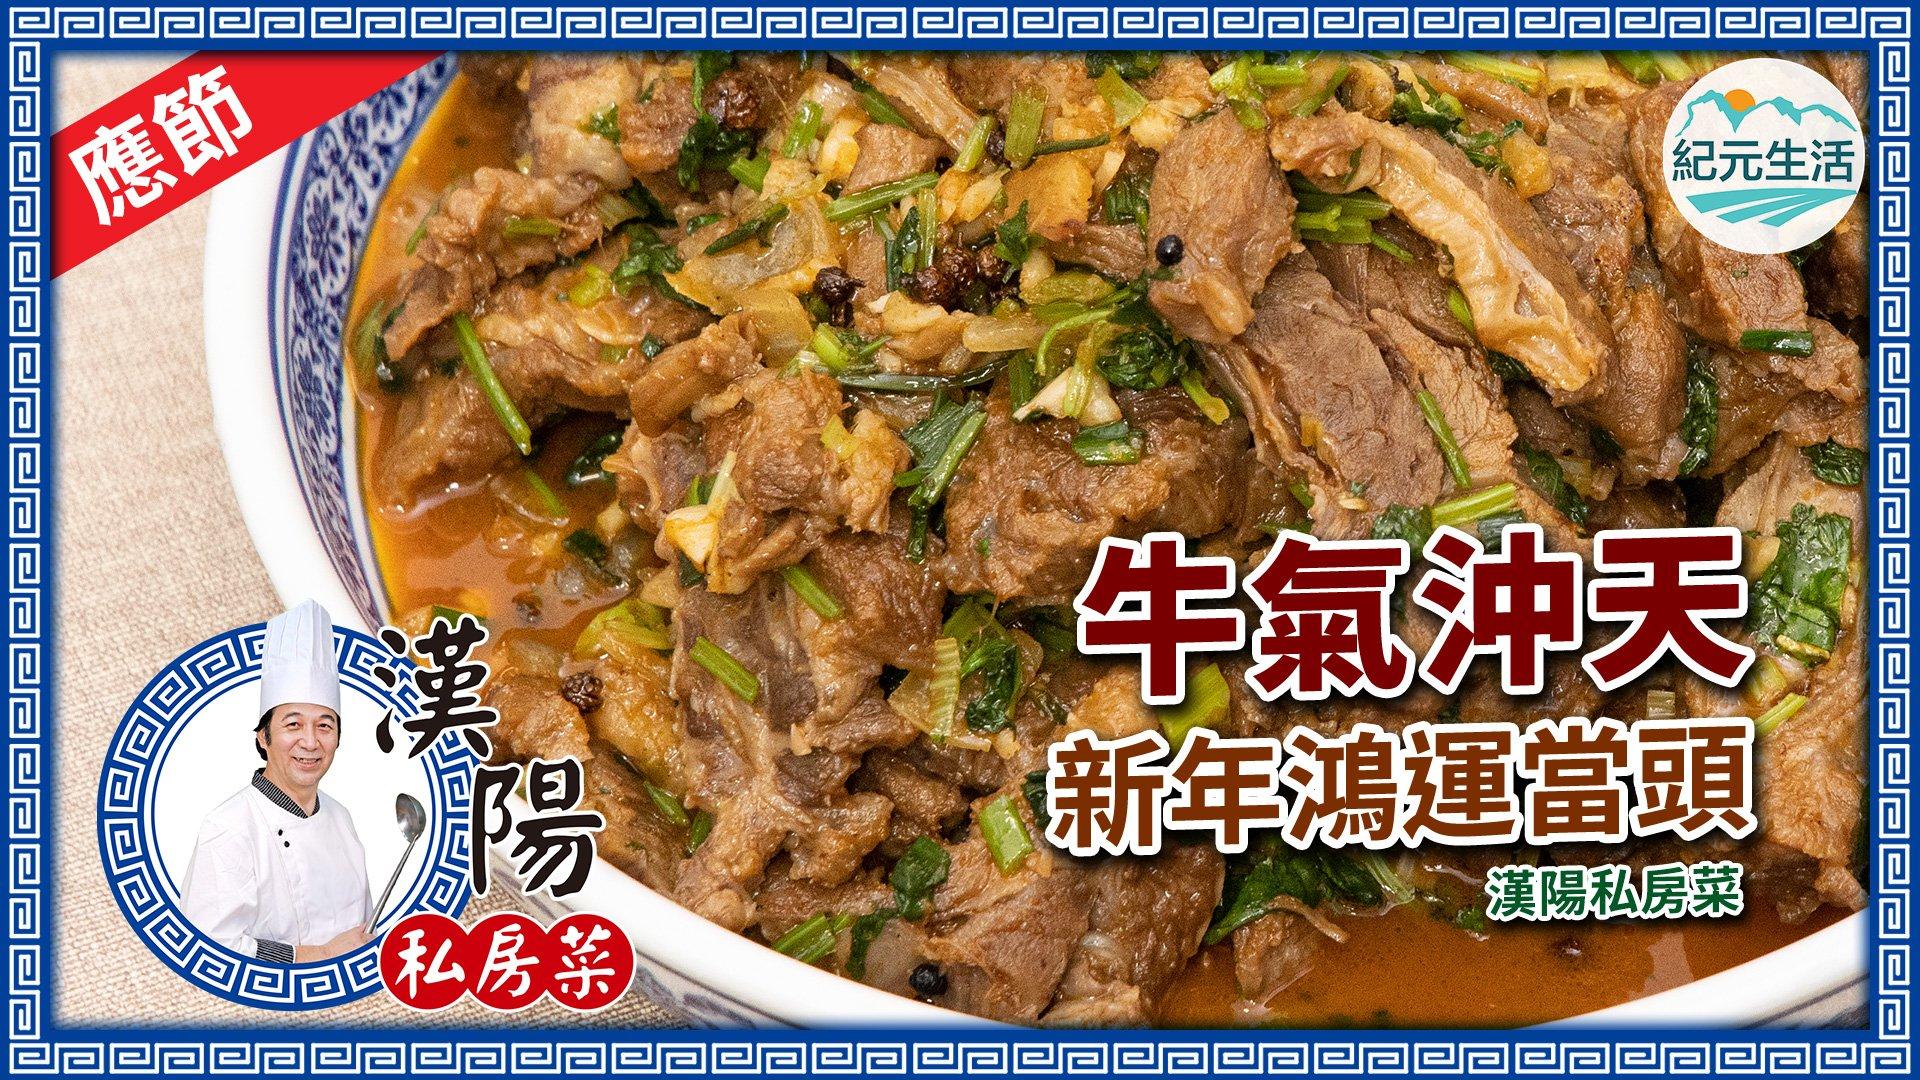 新年吃甚麼?漢陽大廚今期就教大家做美味的芫荽麻辣牛肉,吃完鴻運當頭,「牛氣沖天」!(設計圖片)